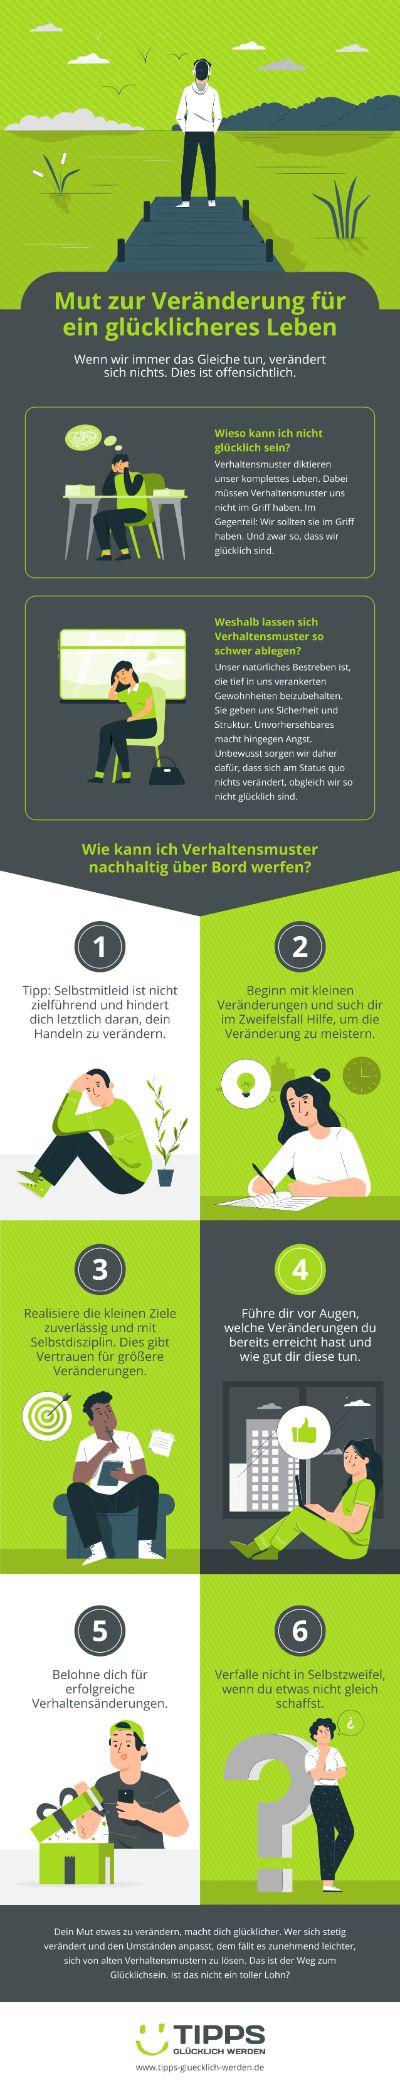 Infografik Wer Glücklich Sein Will, Braucht Mut Zur Veränderung